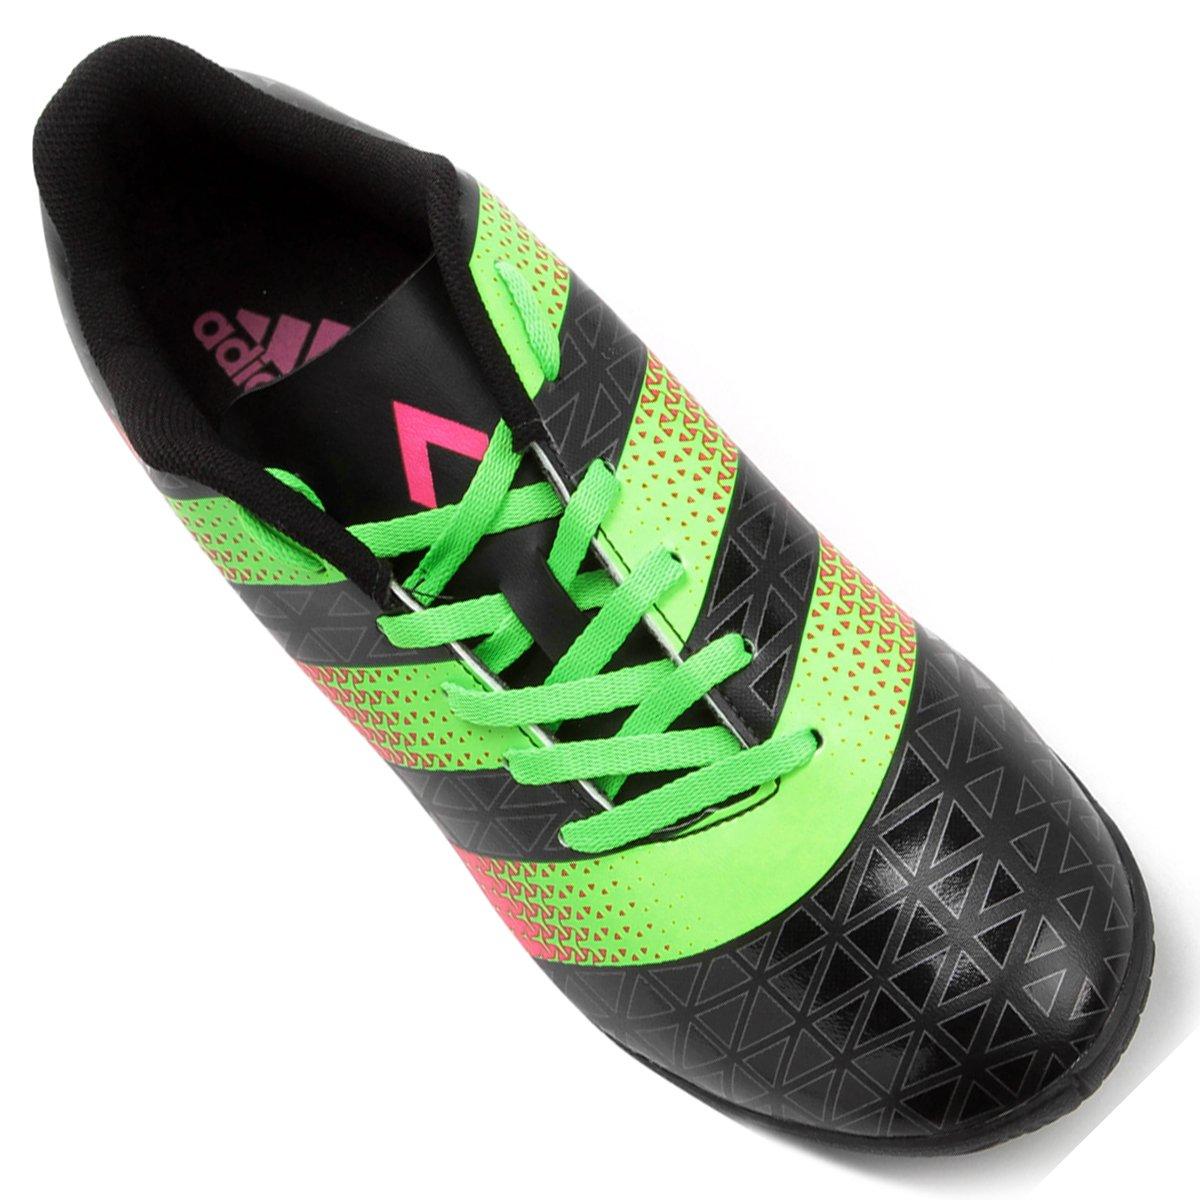 Chuteira Adidas Futsal 3S Masculina